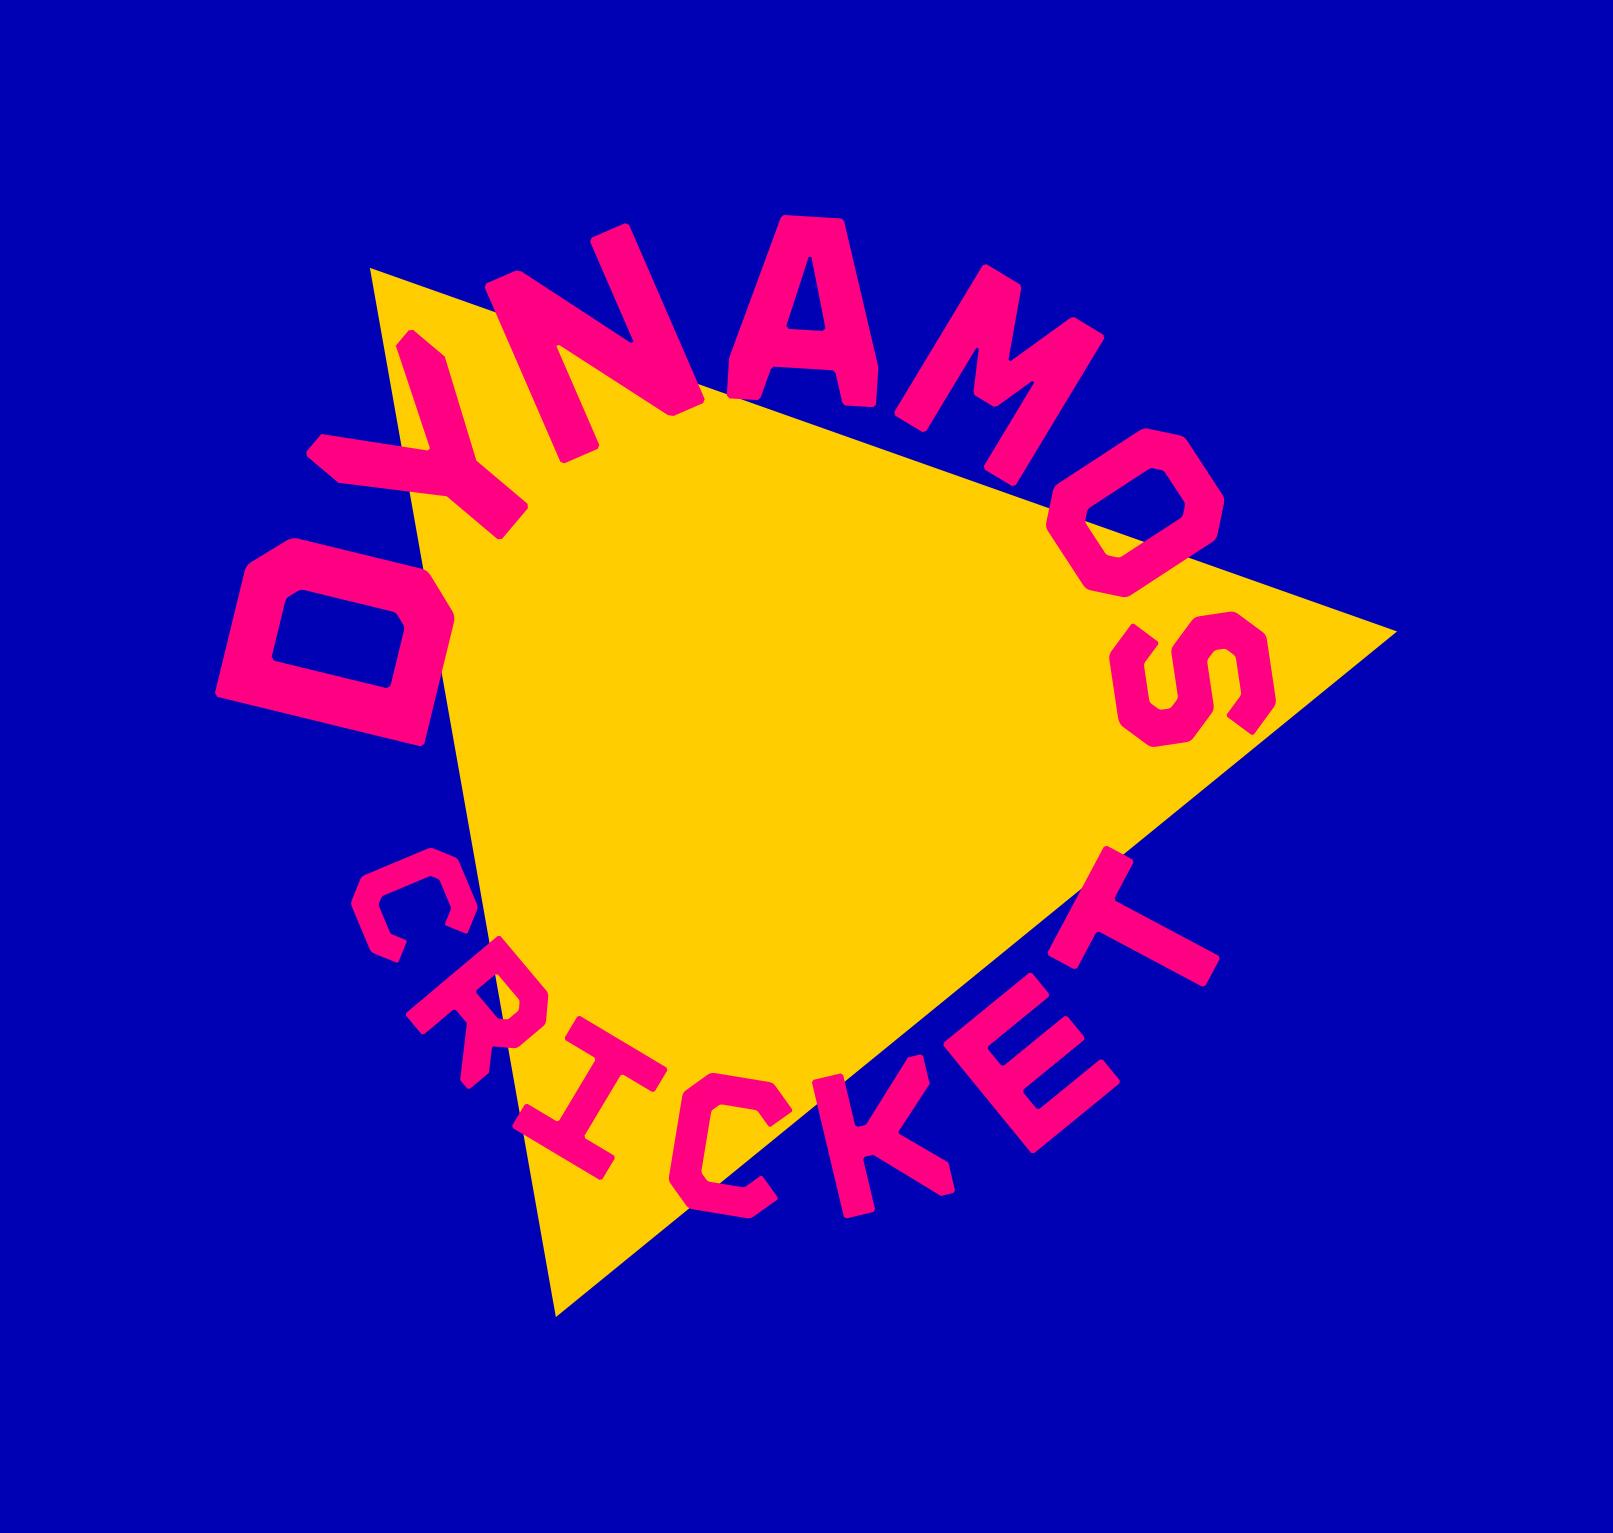 ECB_DynC_CMASTER_Pk-Yl_RGB